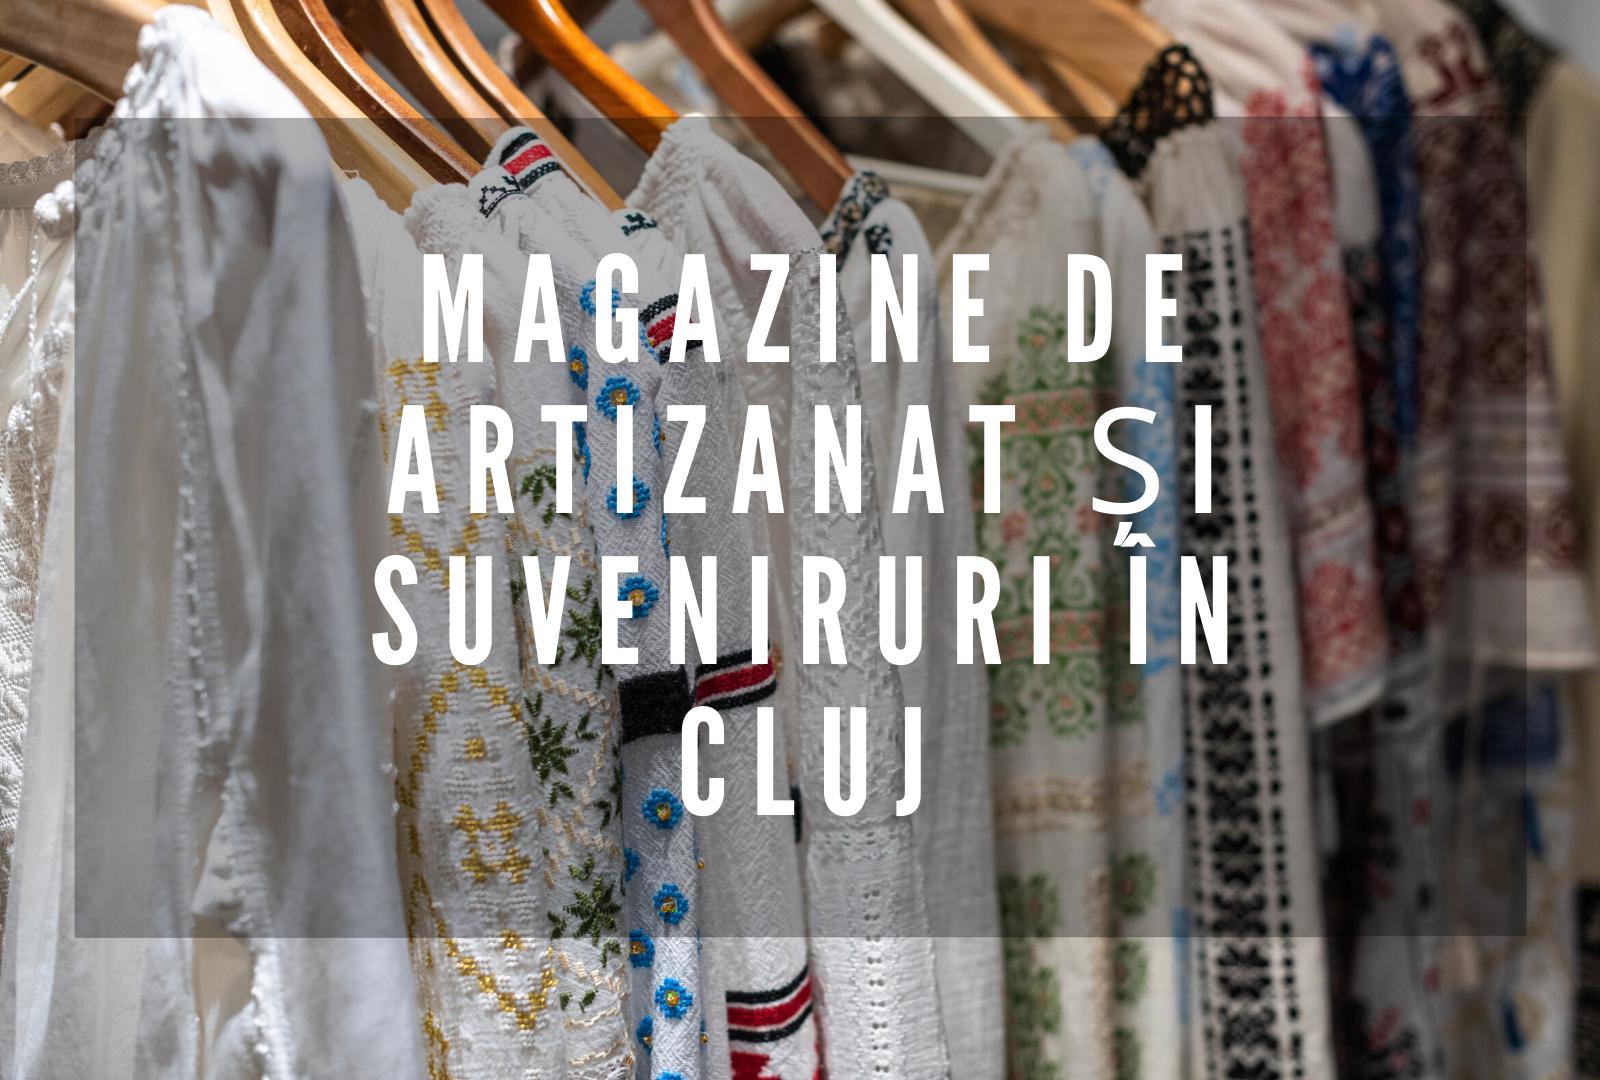 Magazine de artizanat și suveniruri în Cluj